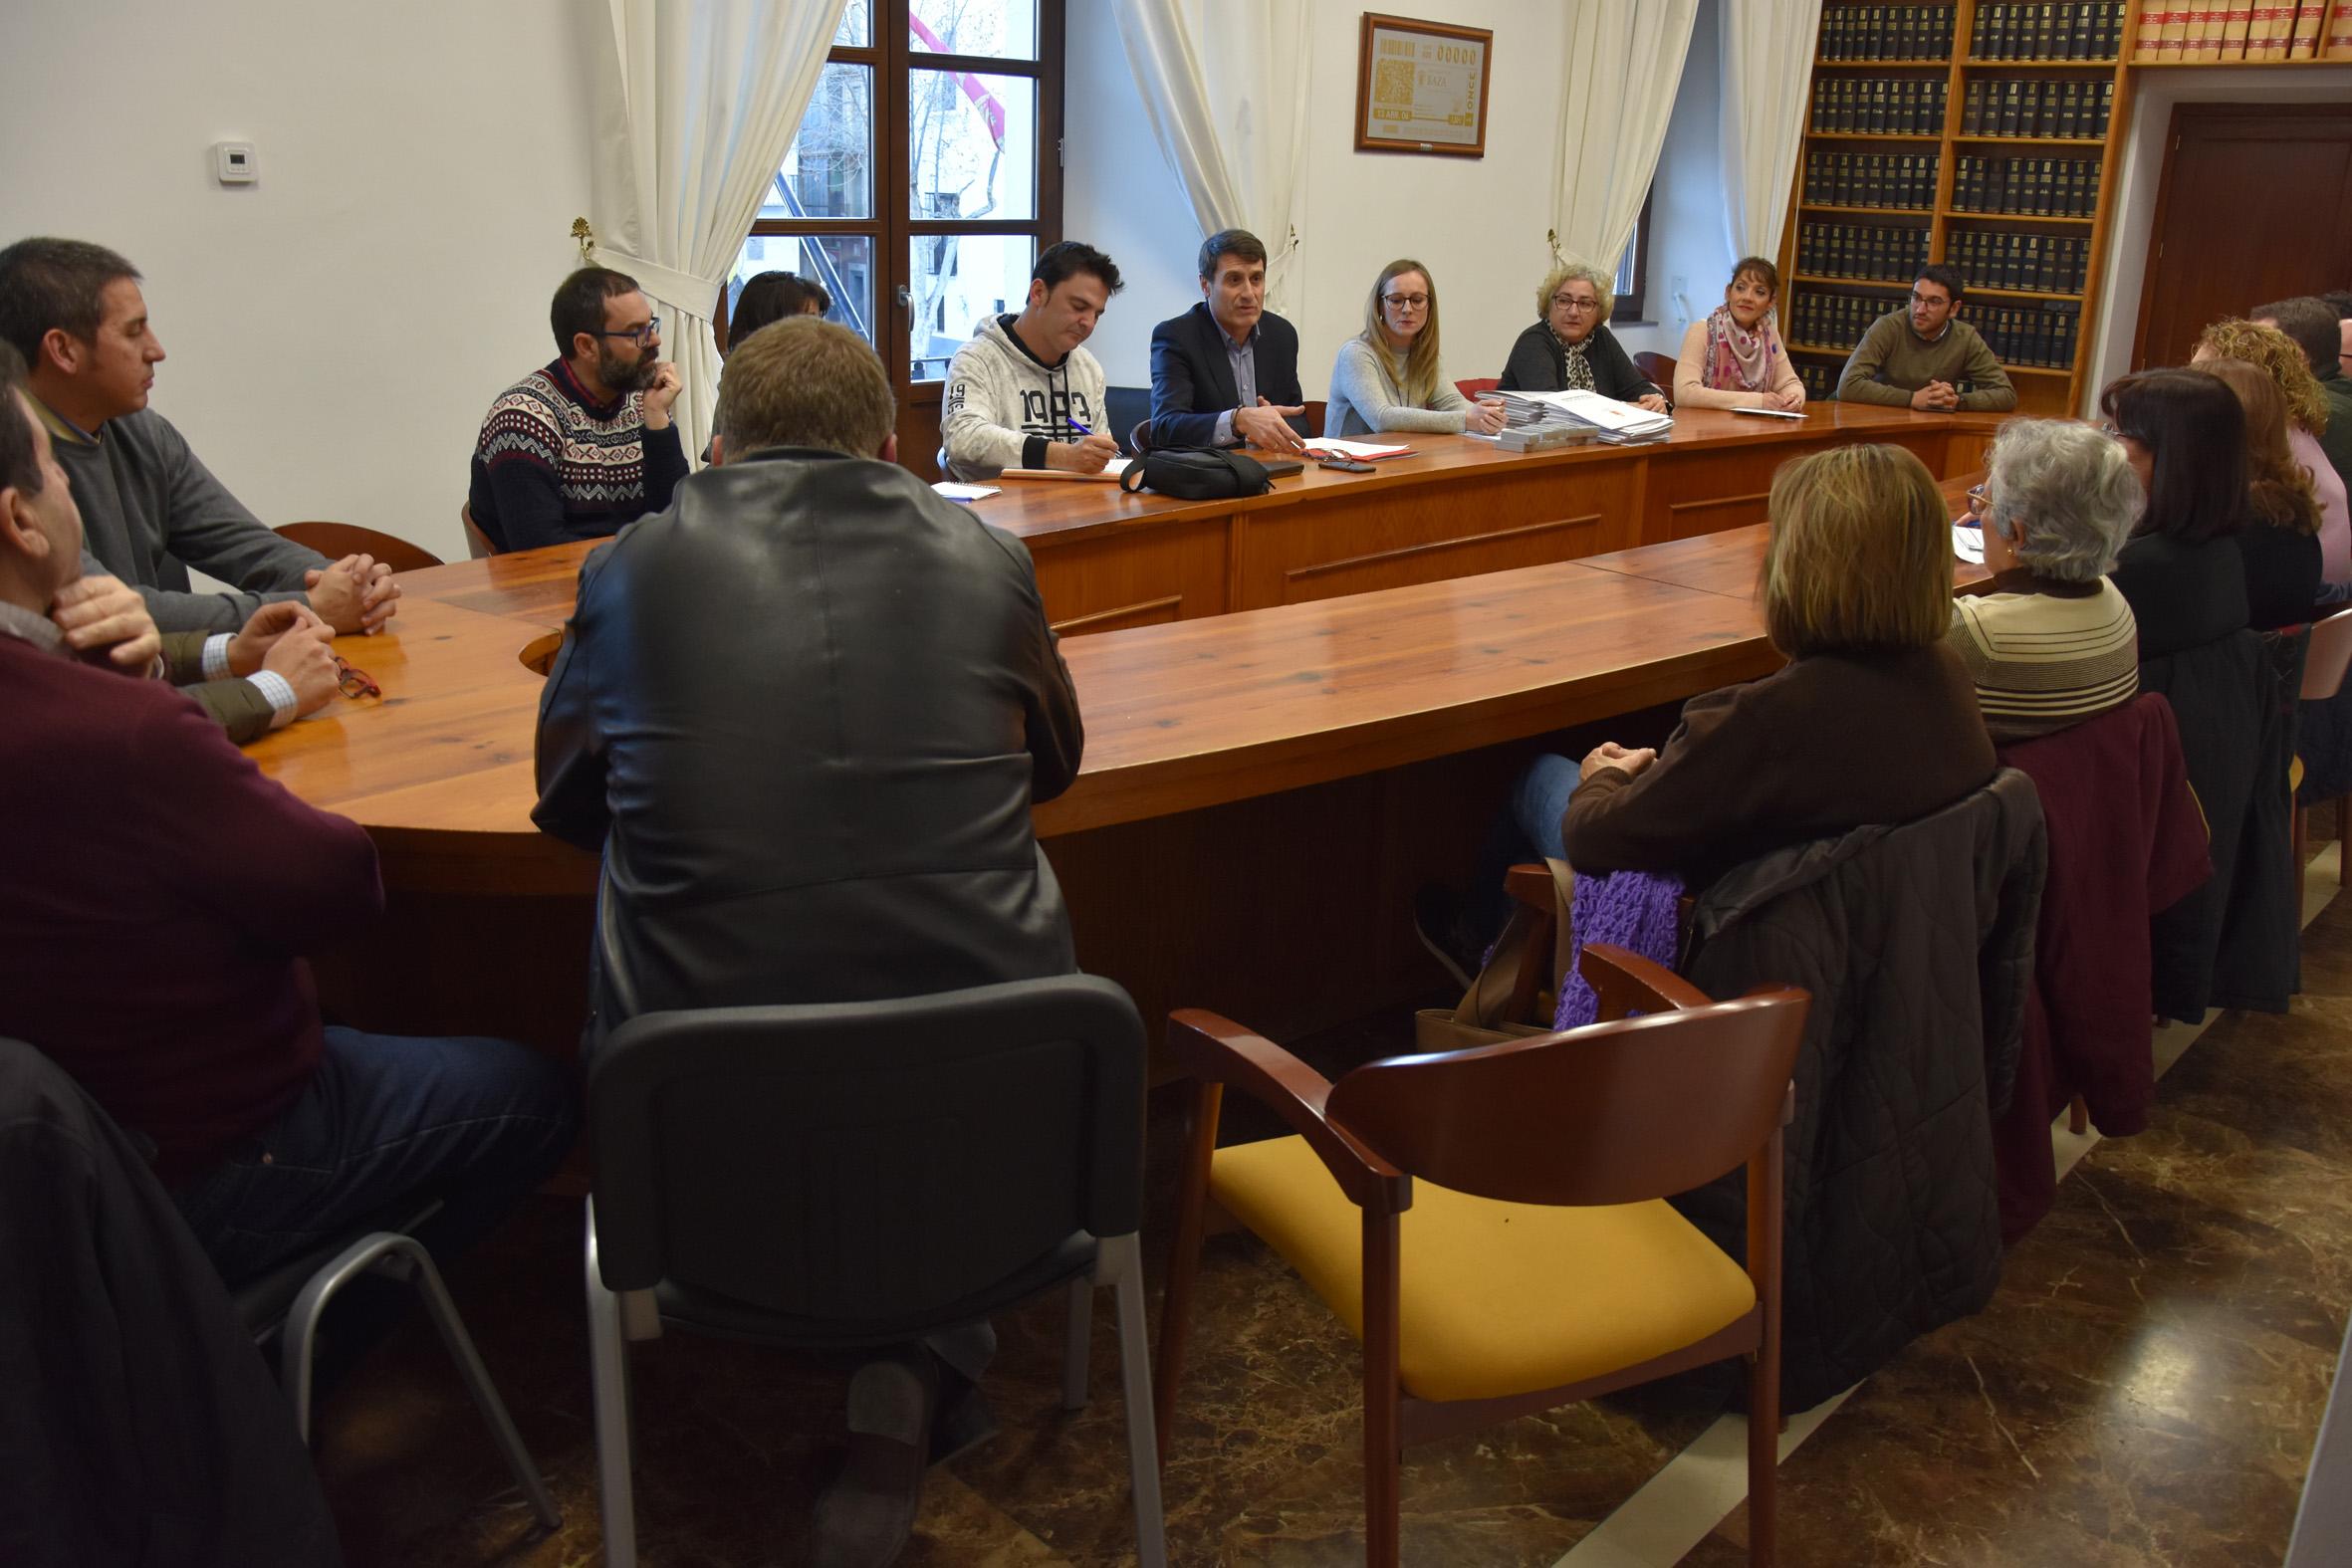 Acto de constitución del Consejo Municipal de Participación Ciudadana